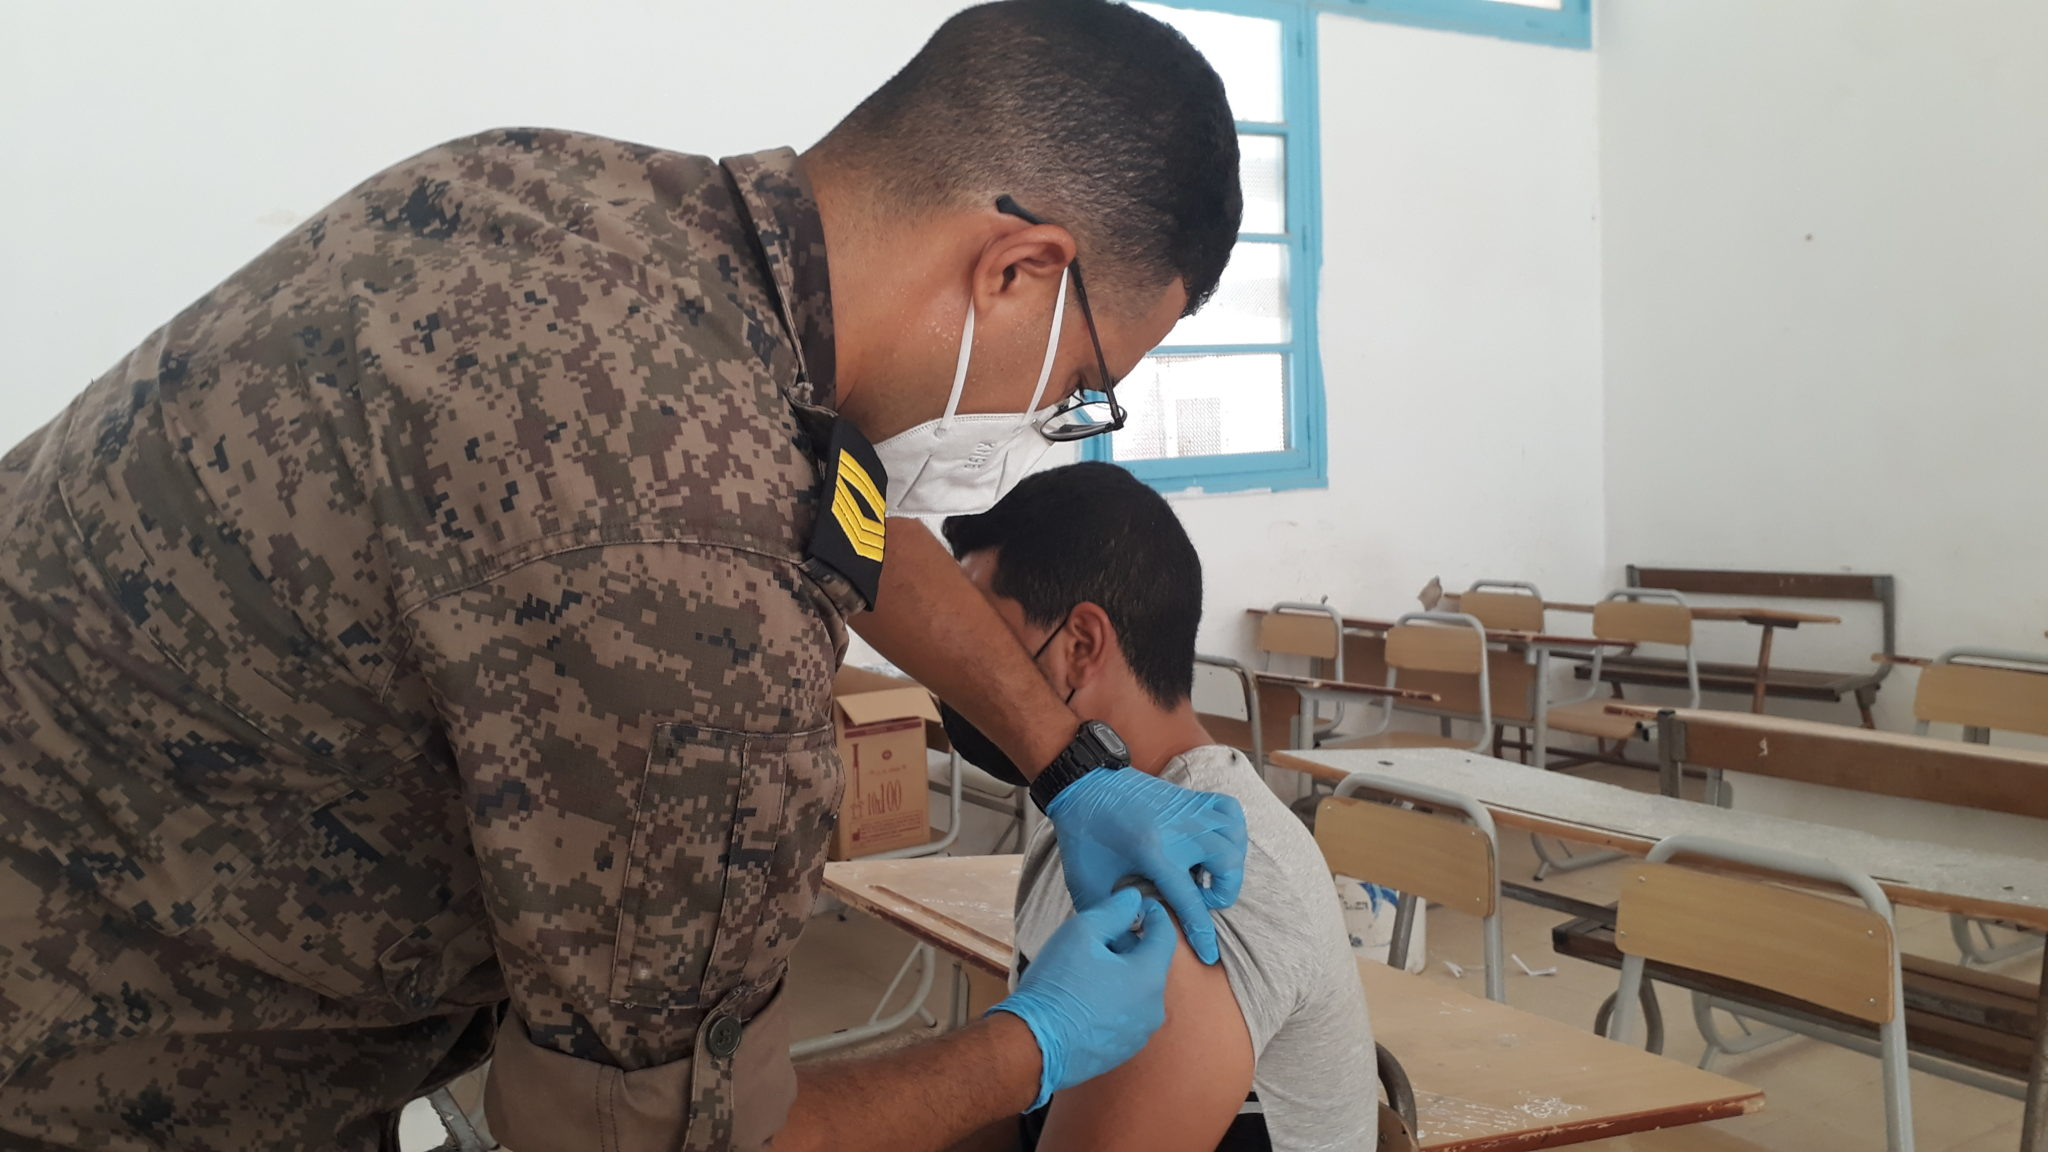 Tunisie: Près de 5000 citoyens vaccinés par les équipes militaires à Médenine